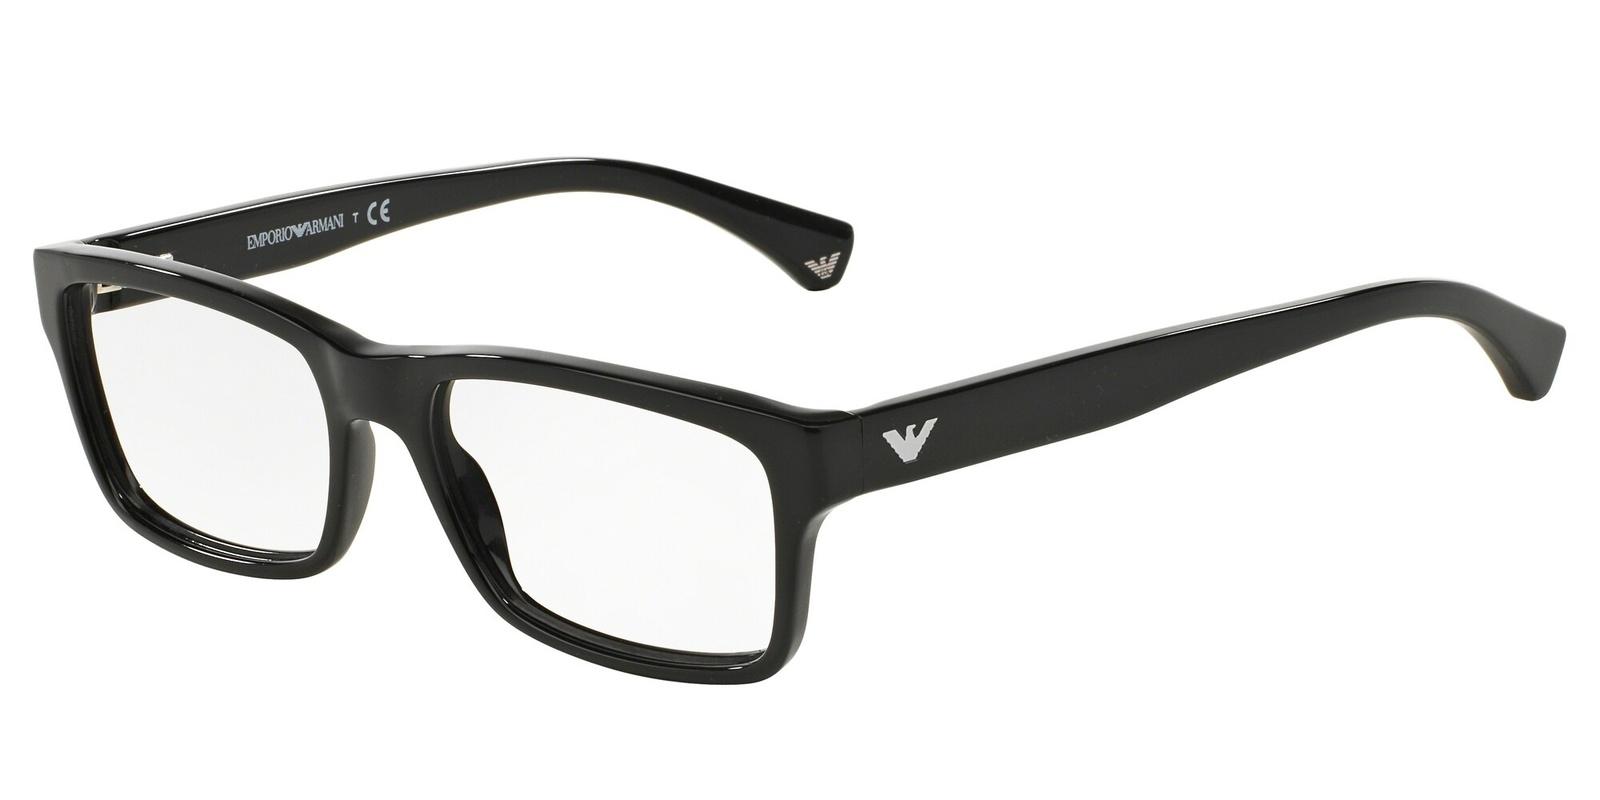 Emporio Armani EA3050F eyeglasses